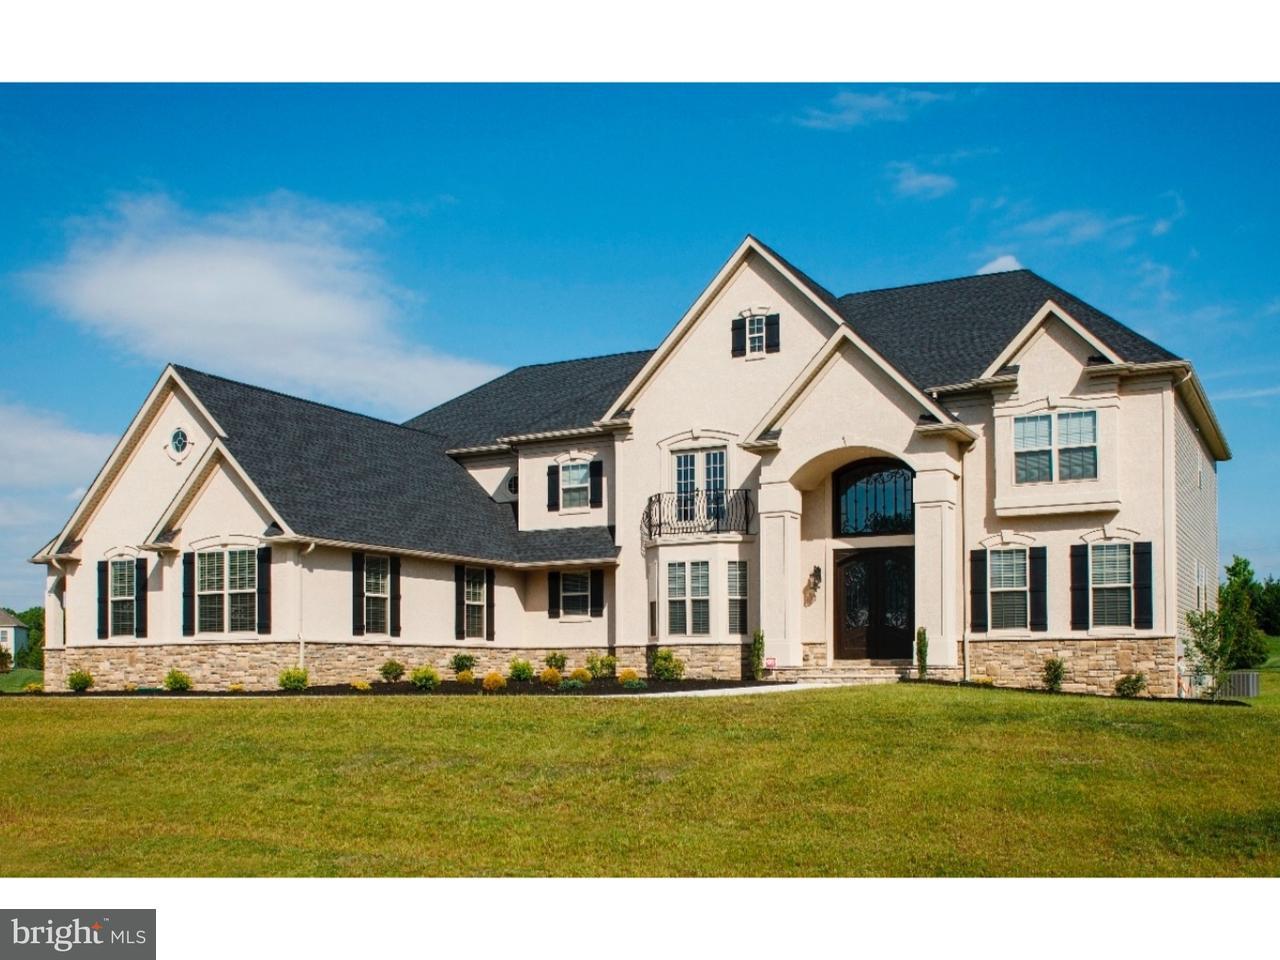 Частный односемейный дом для того Продажа на 100 JOANNE Court Mullica Hill, Нью-Джерси 08062 Соединенные Штаты